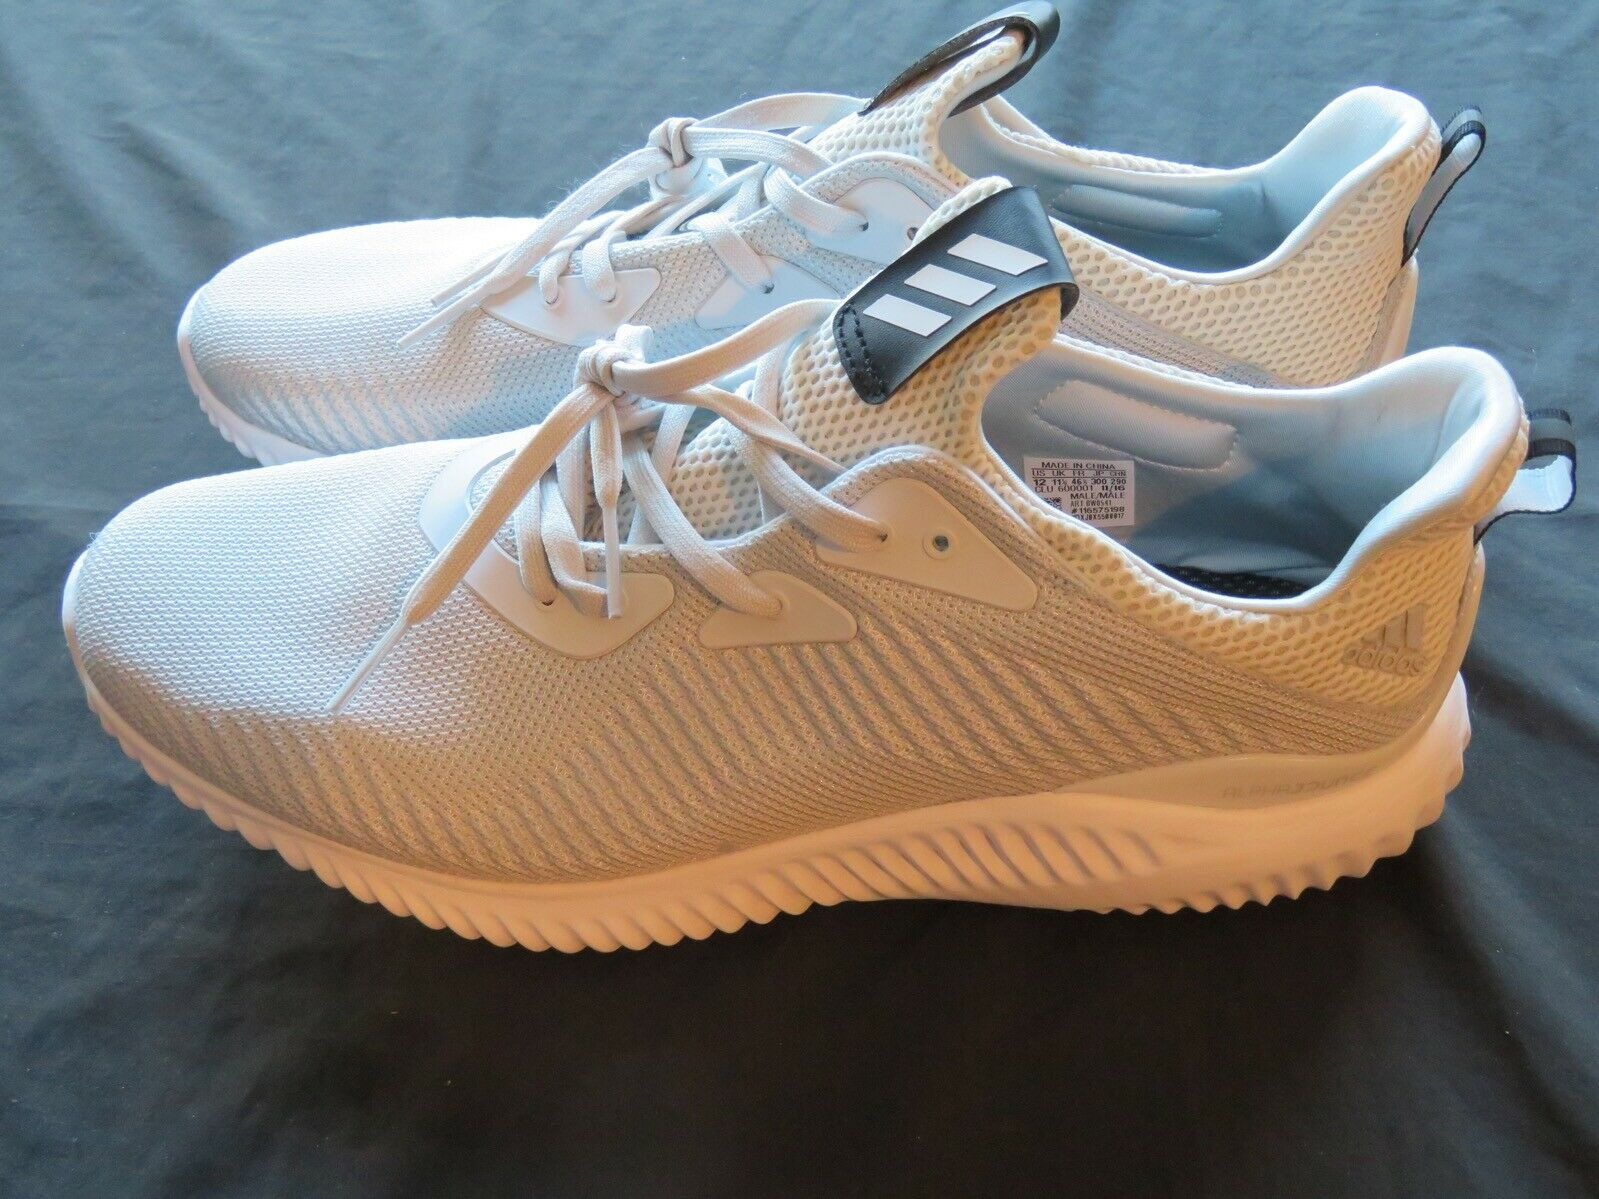 Nuevo Sin Caja Para Hombre Adidas Alphabounce 1 M gris y blancoo Running Zapatos